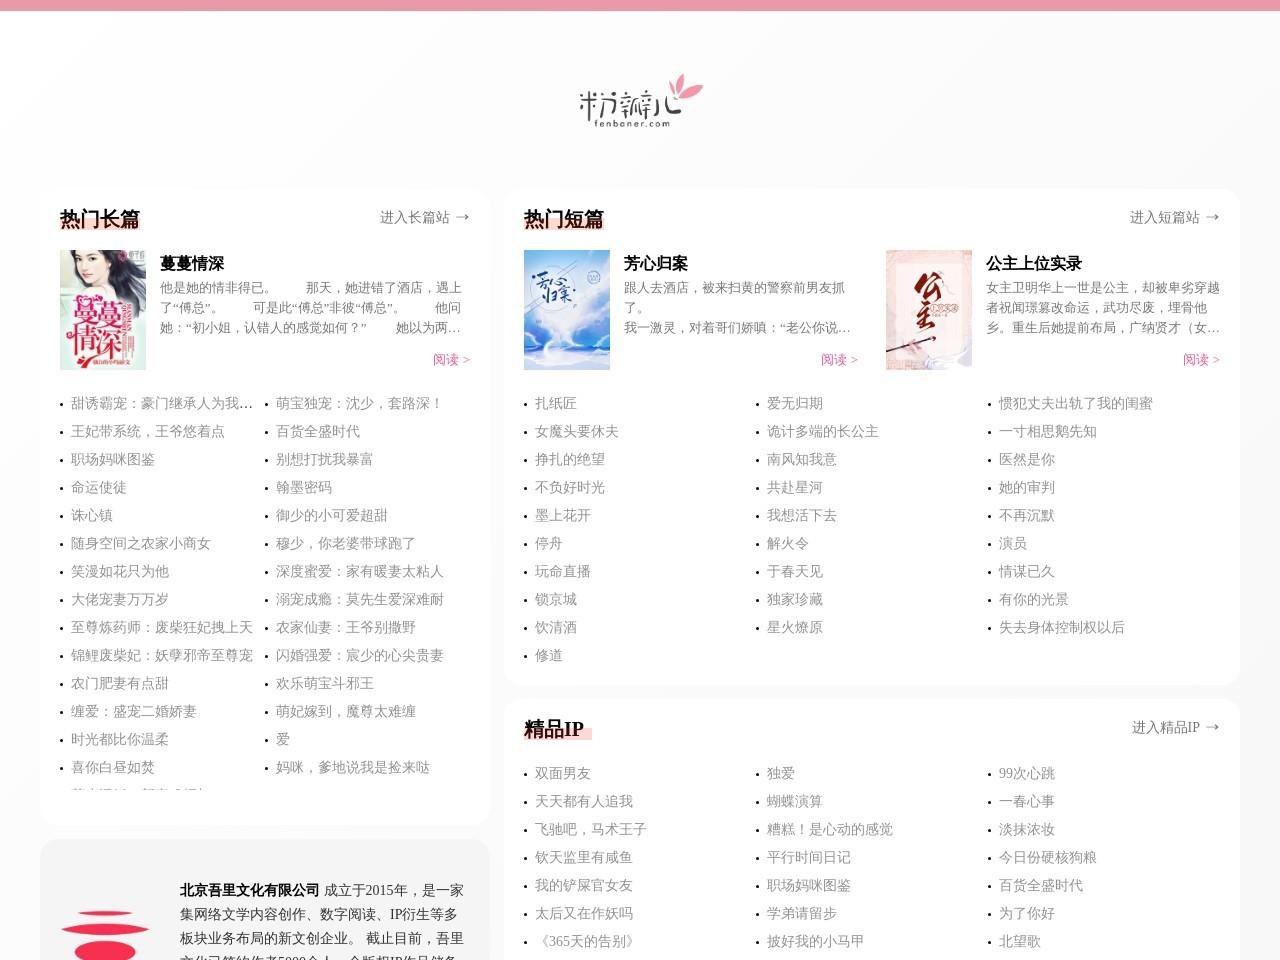 粉瓣儿文学网 - 言情小说阅读_免费完本小说排行榜 - www.fenbaner.com